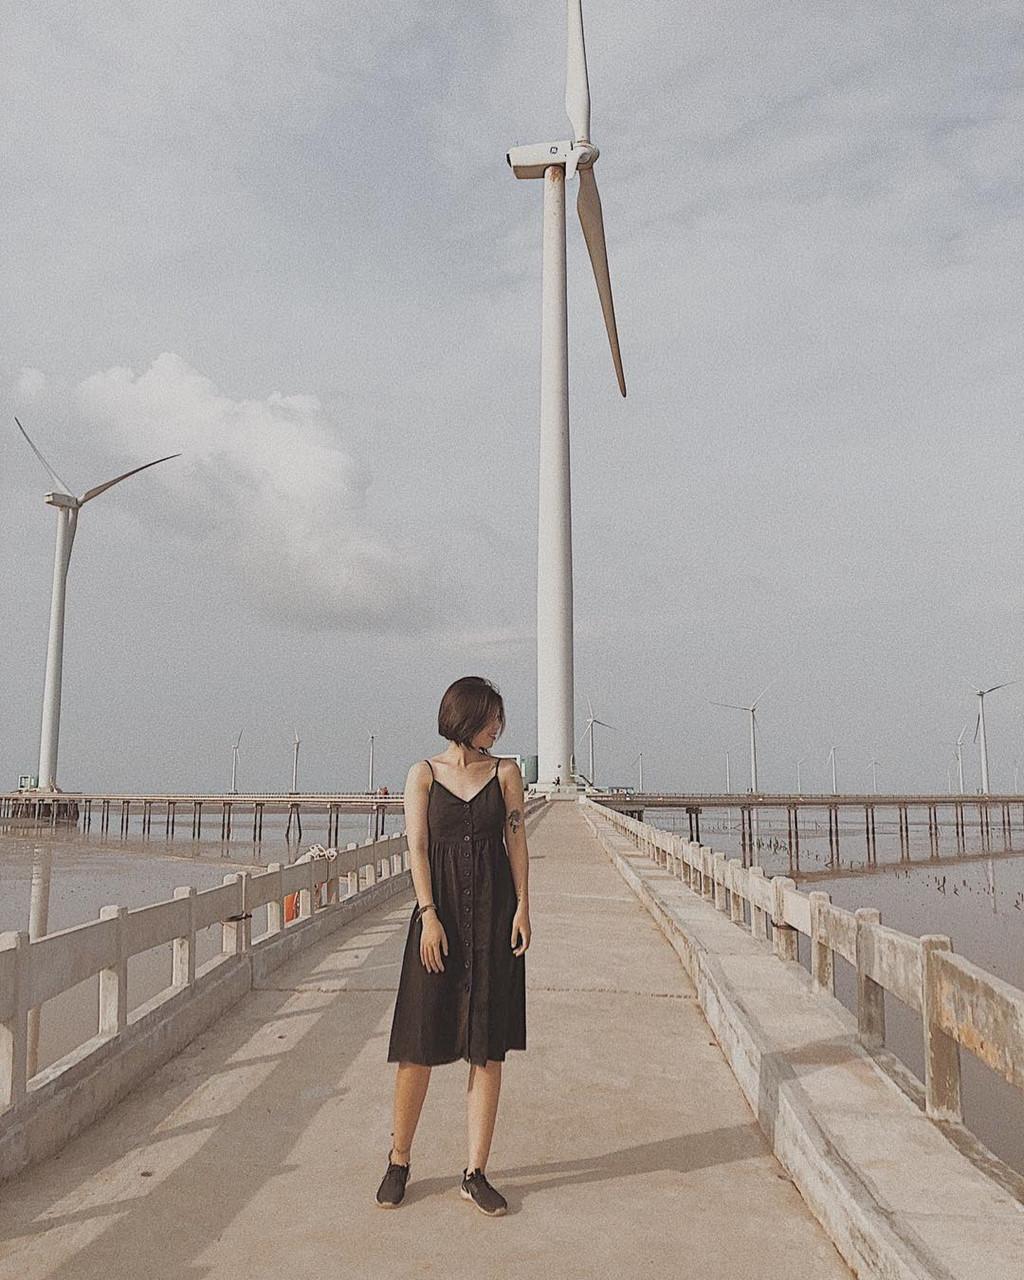 4 cánh đồng quạt gió ở Việt Nam được hội mê sống ảo săn lùng Ảnh 12